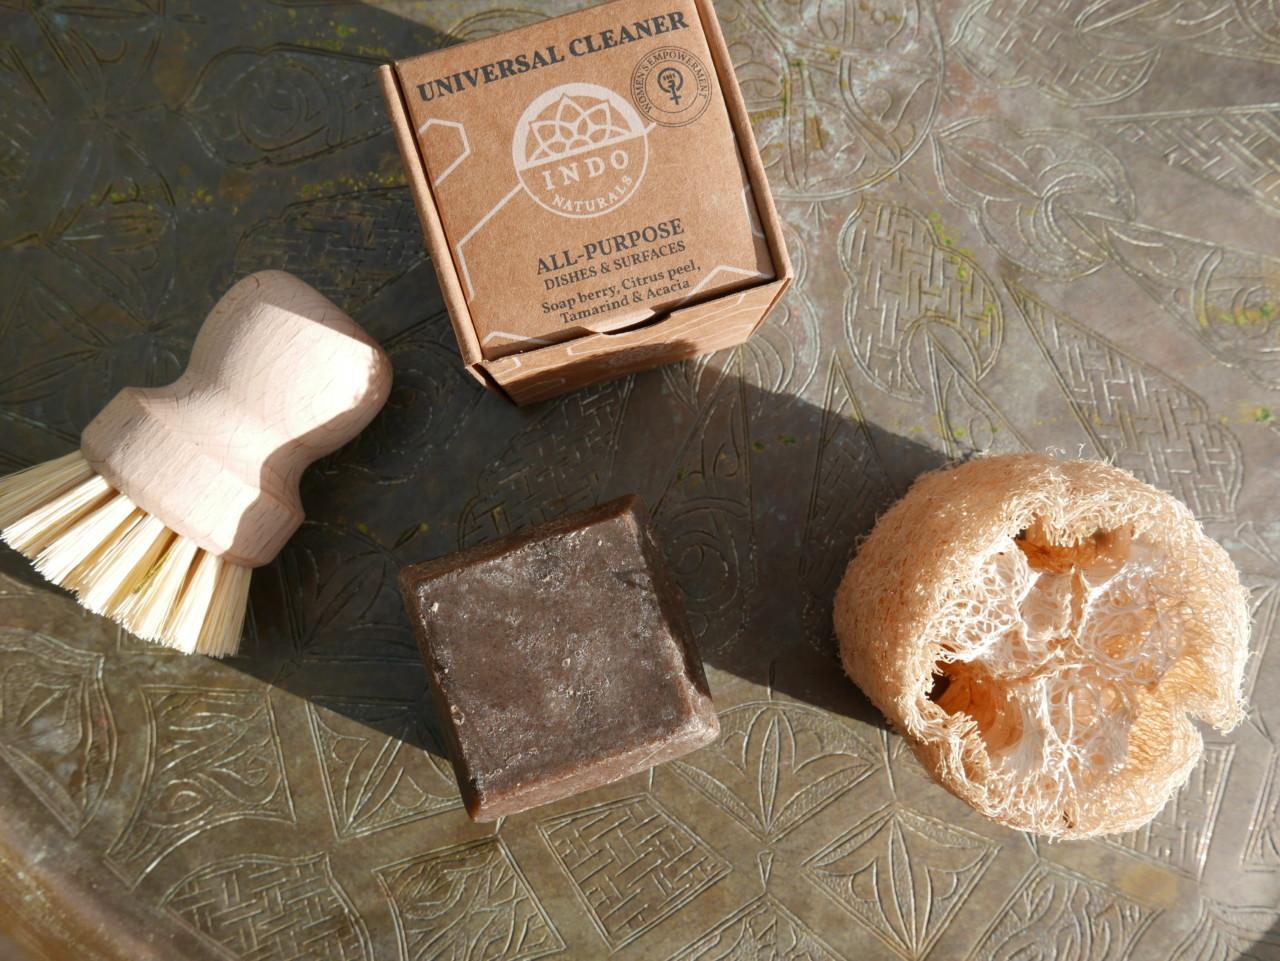 probiotisk-universalsaape-oppvask-naken-emballasjefri